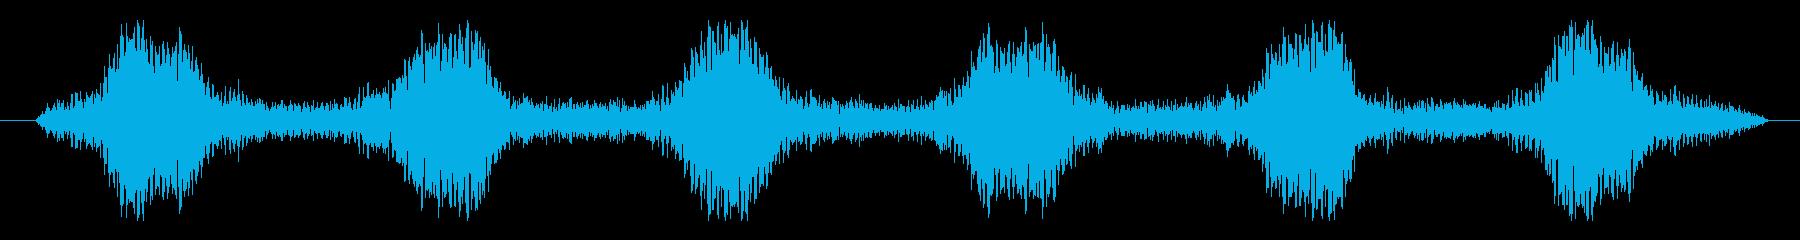 フィクション 実用性 抽象シンセ03の再生済みの波形